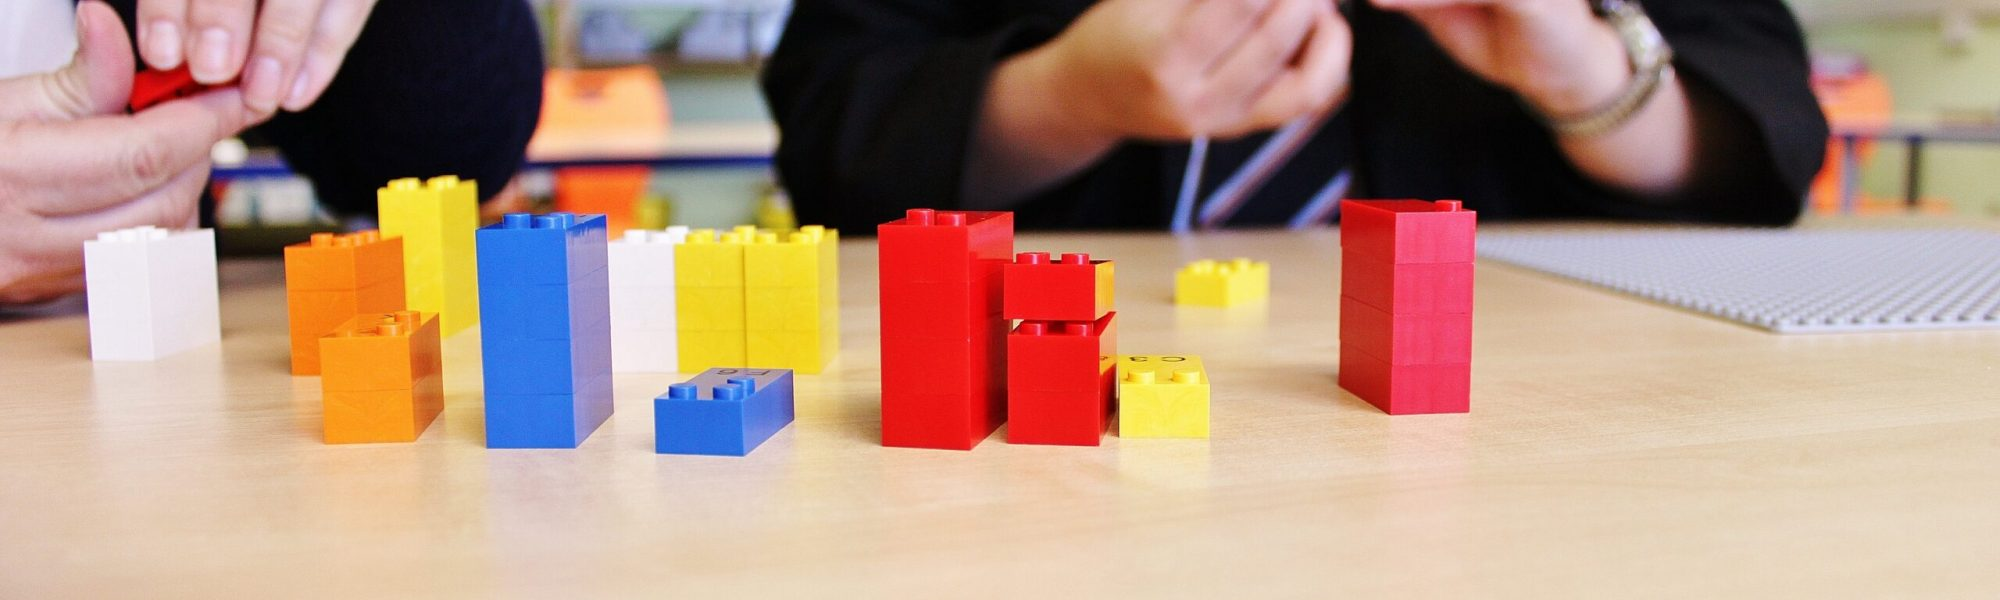 Lego in Maths